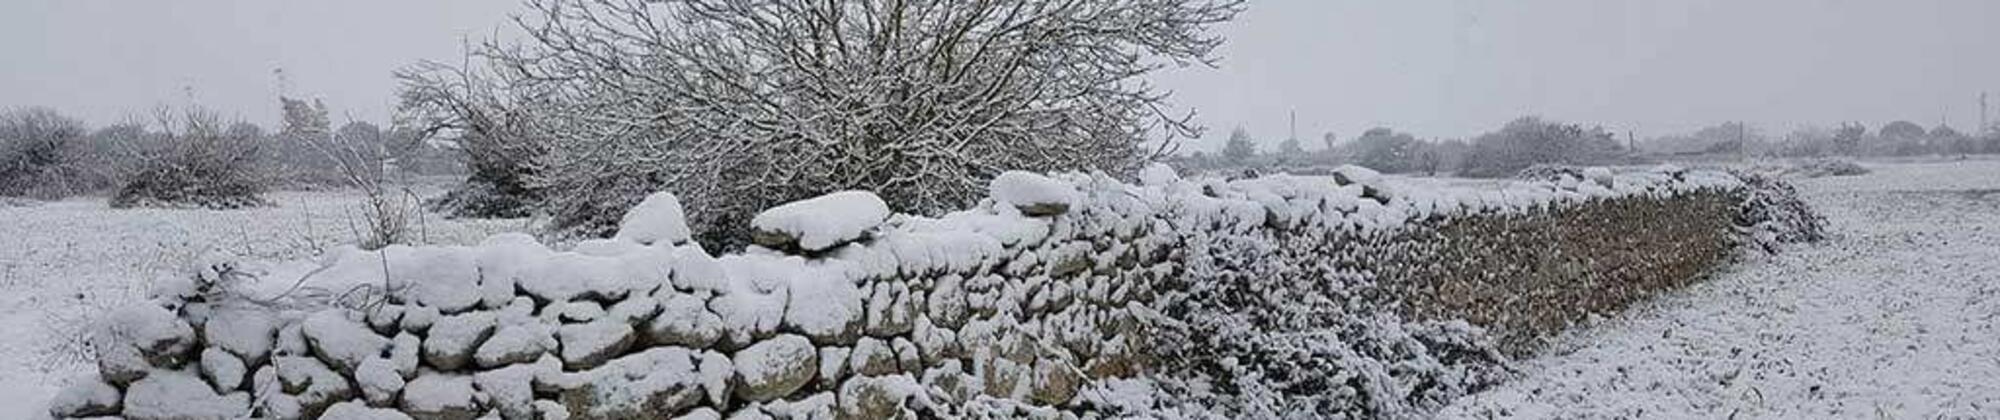 Neve in Salento e le vacanze invernali in Salento sempre più in voga.